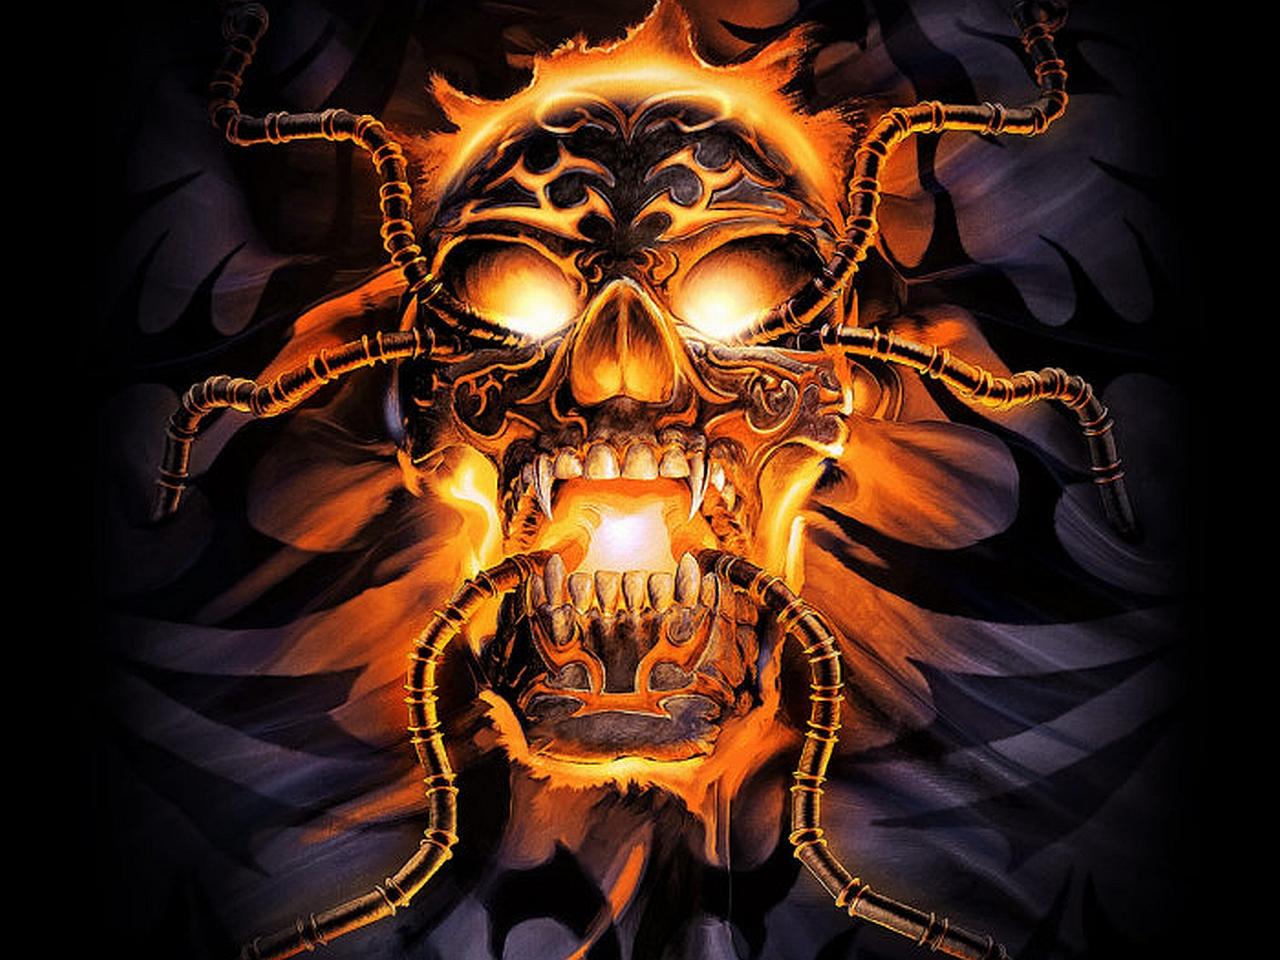 Dark skull wallpapers wallpapersafari - Skeleton wallpaper ...